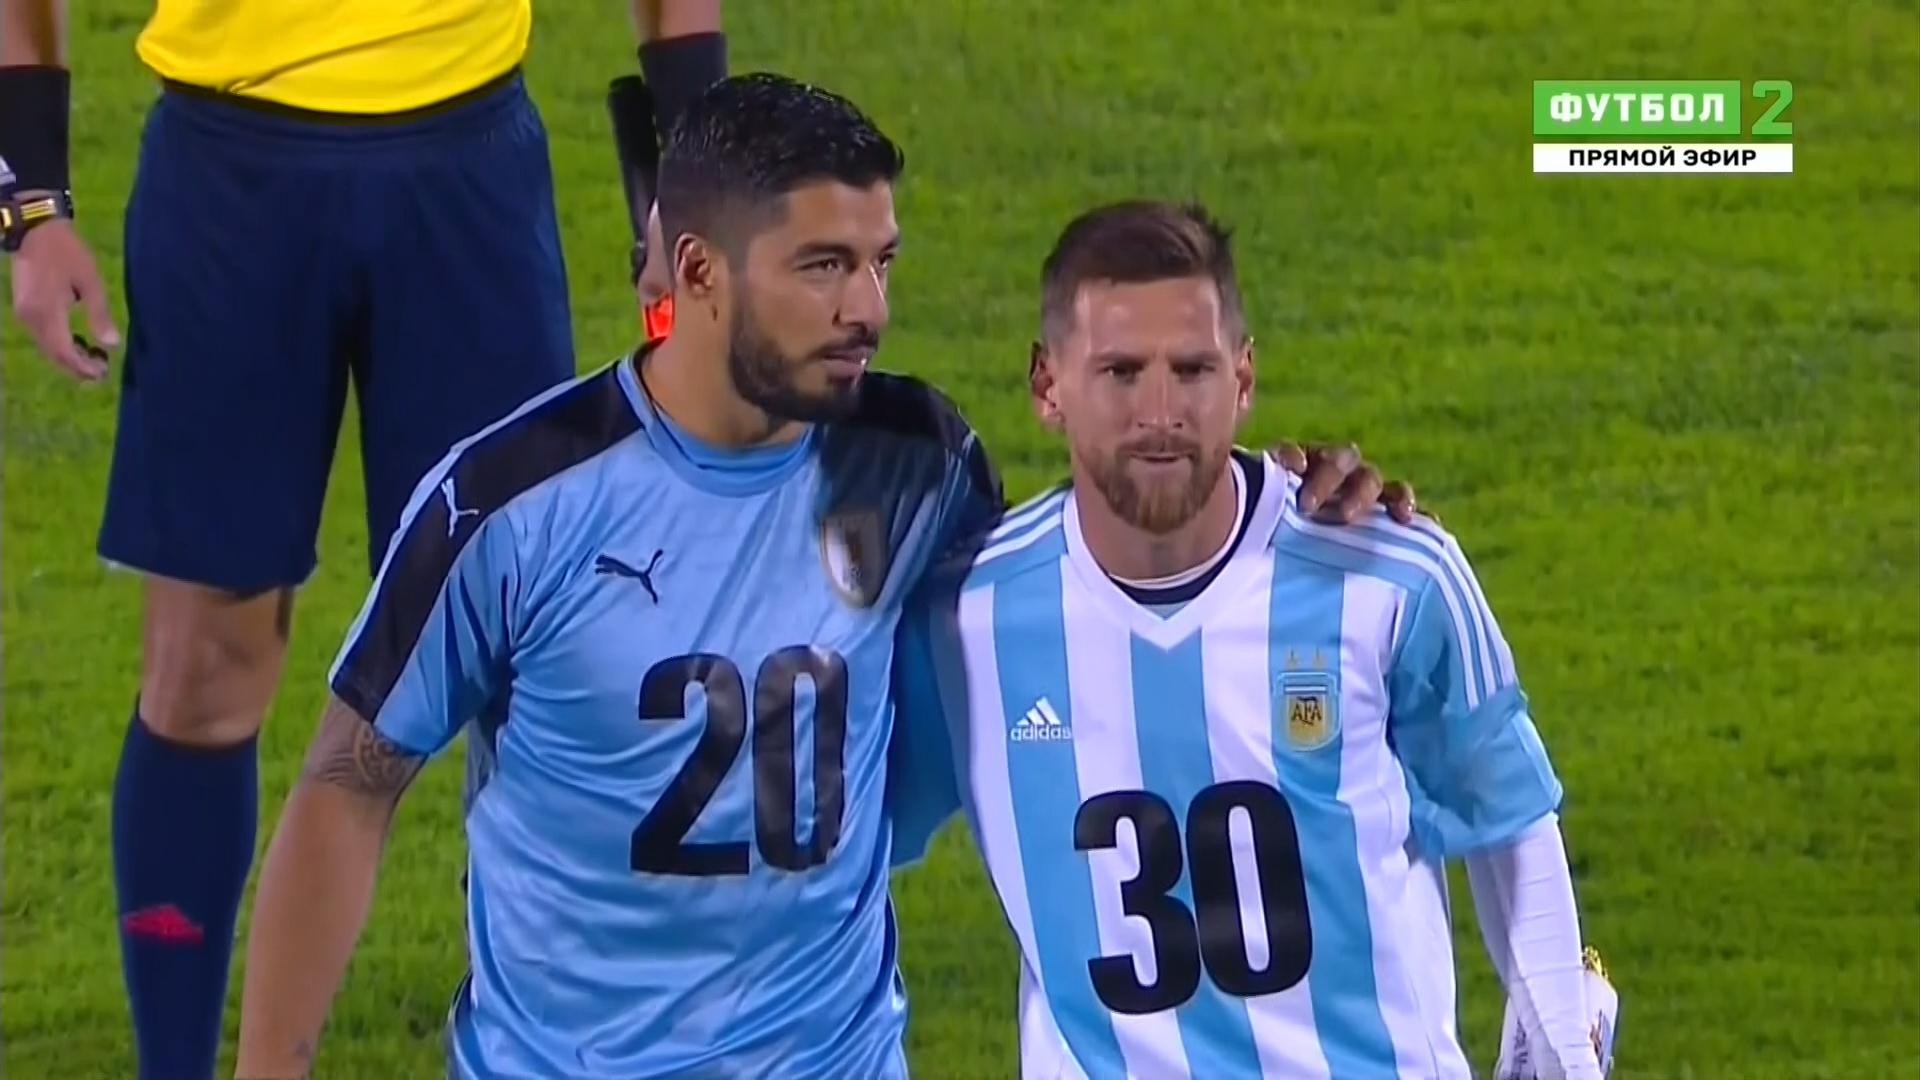 можно подобрать уругвай аргентина 31 августа 2017 создавайте комбинацию